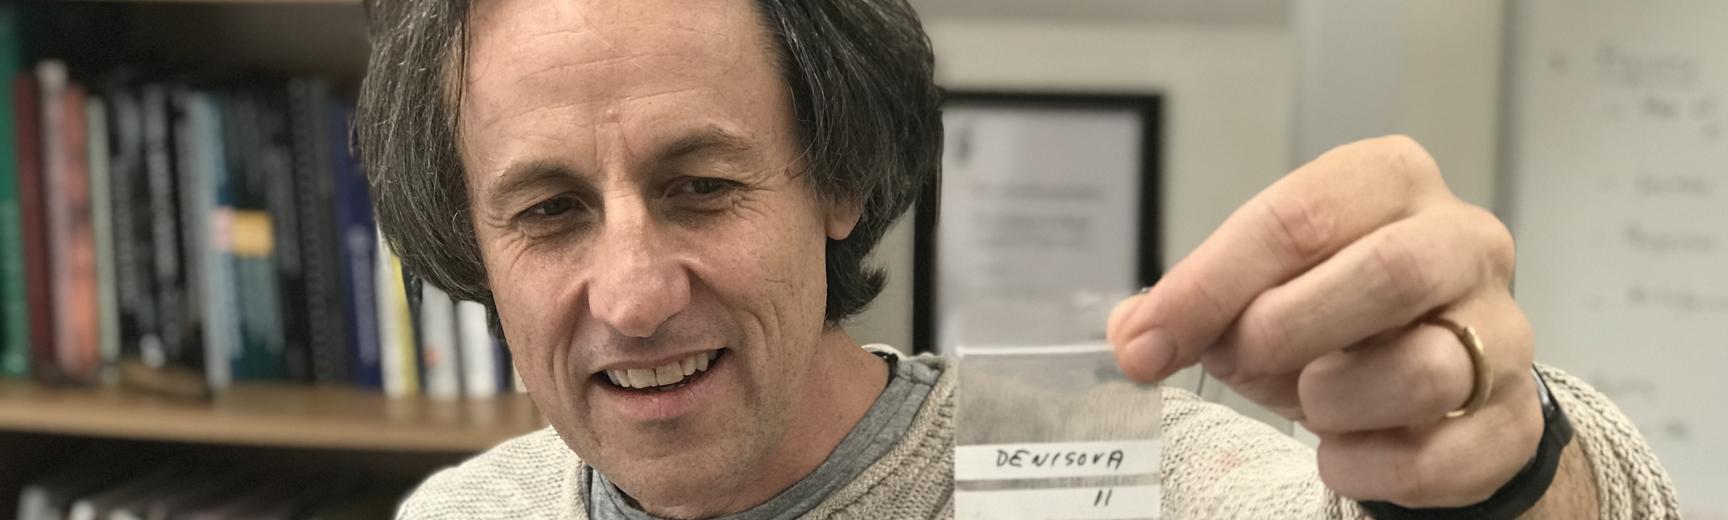 Professor Tom Higham presenting a sample to camera